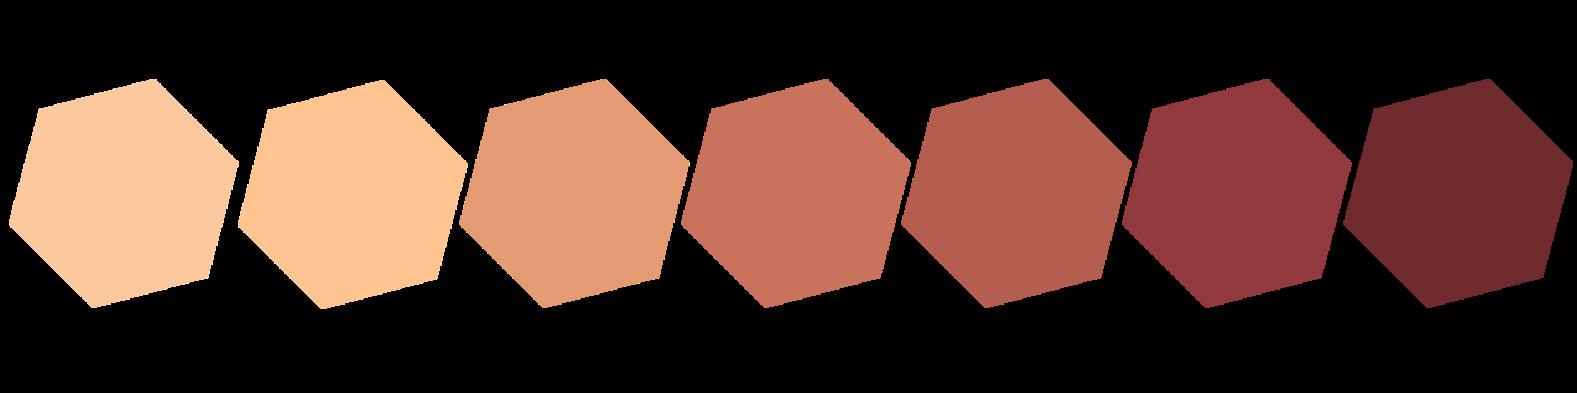 Pallet Color